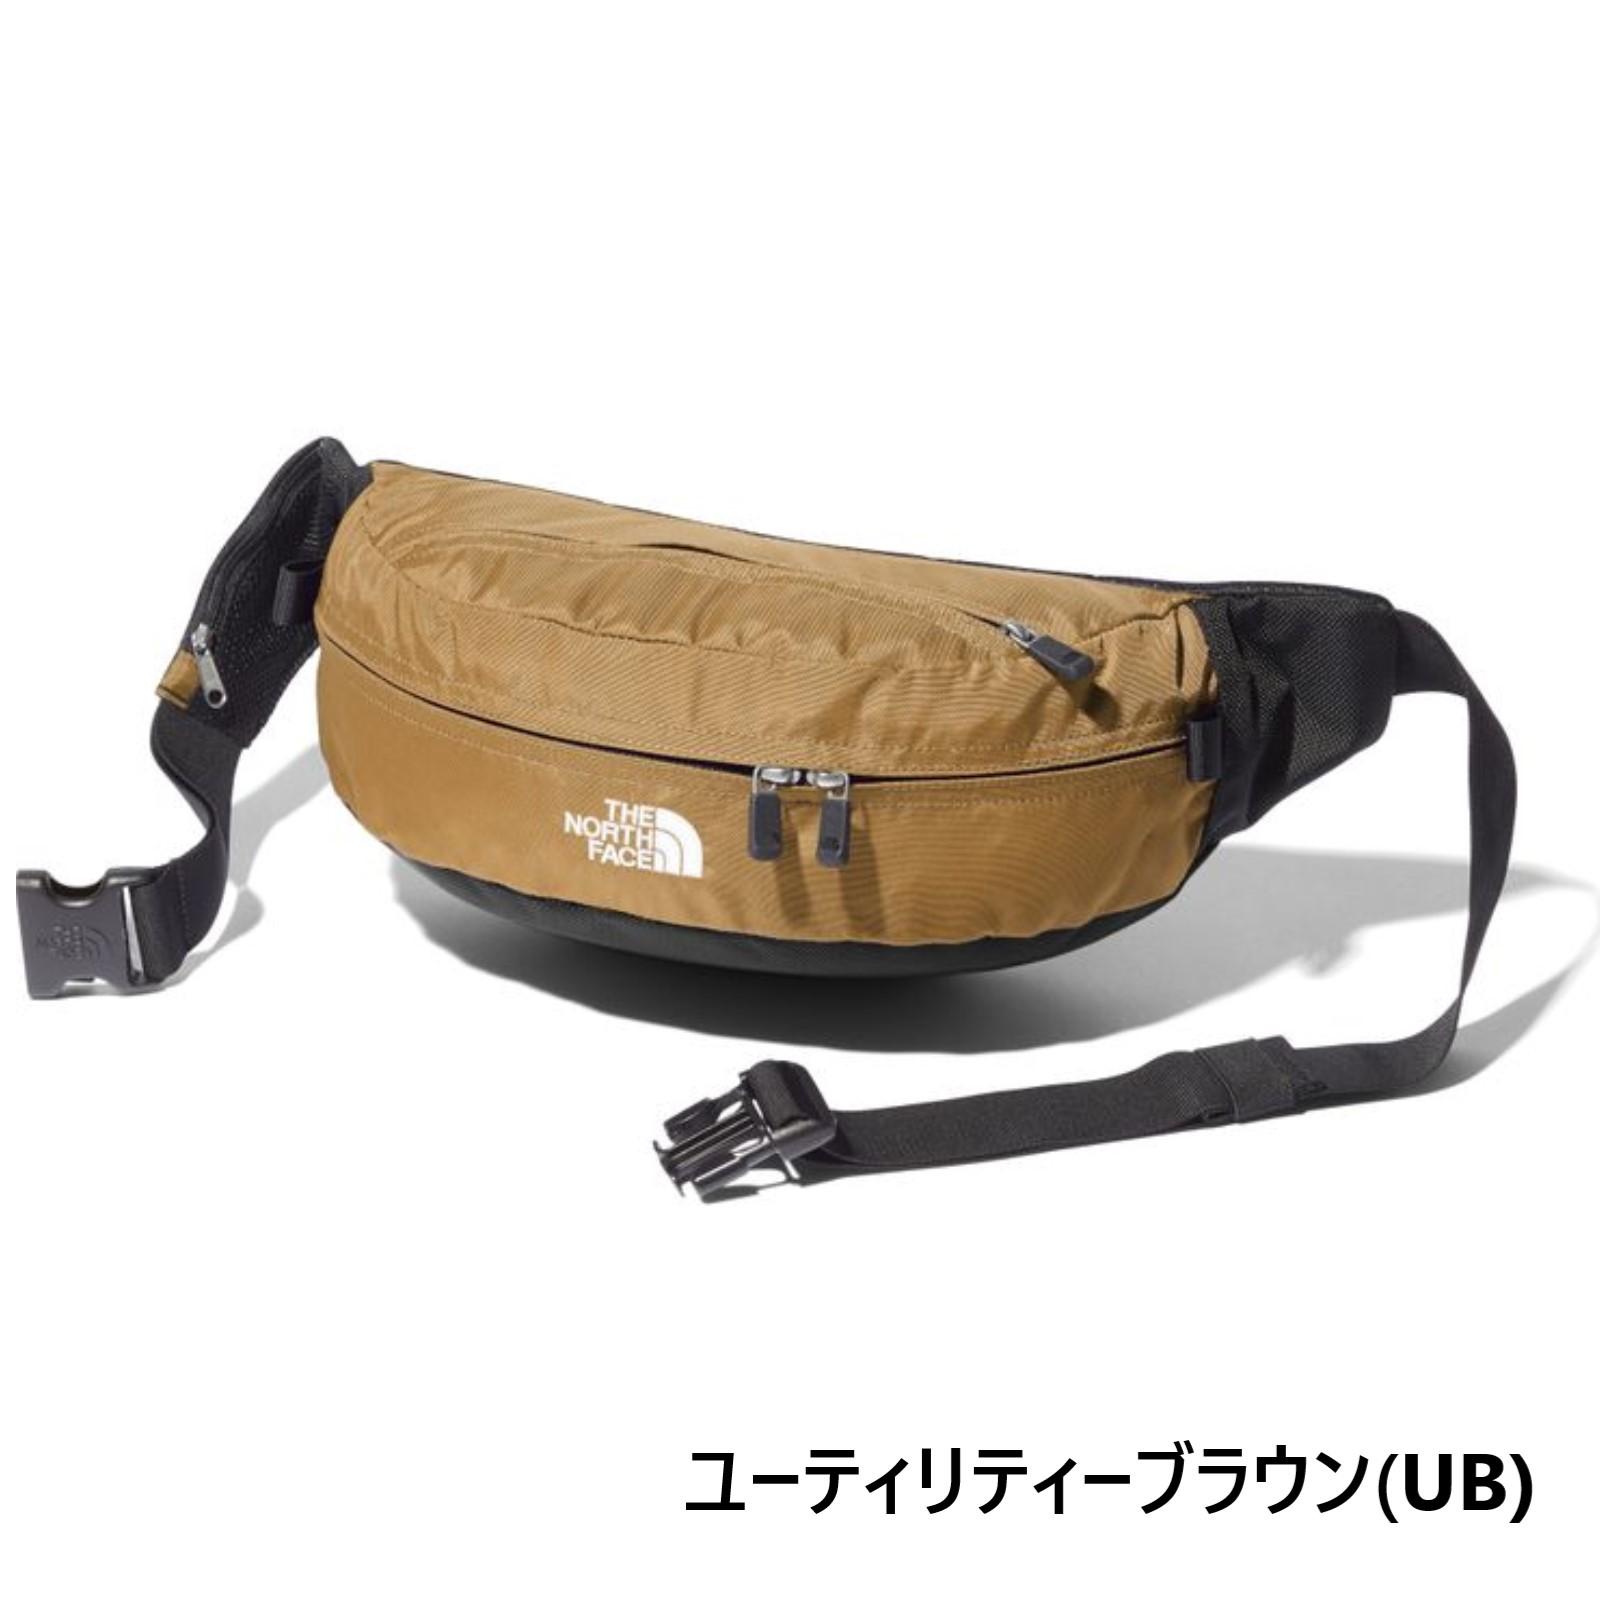 ザ・ノースフェイス  NM72100 スウィープ ウエストバッグ(4L)